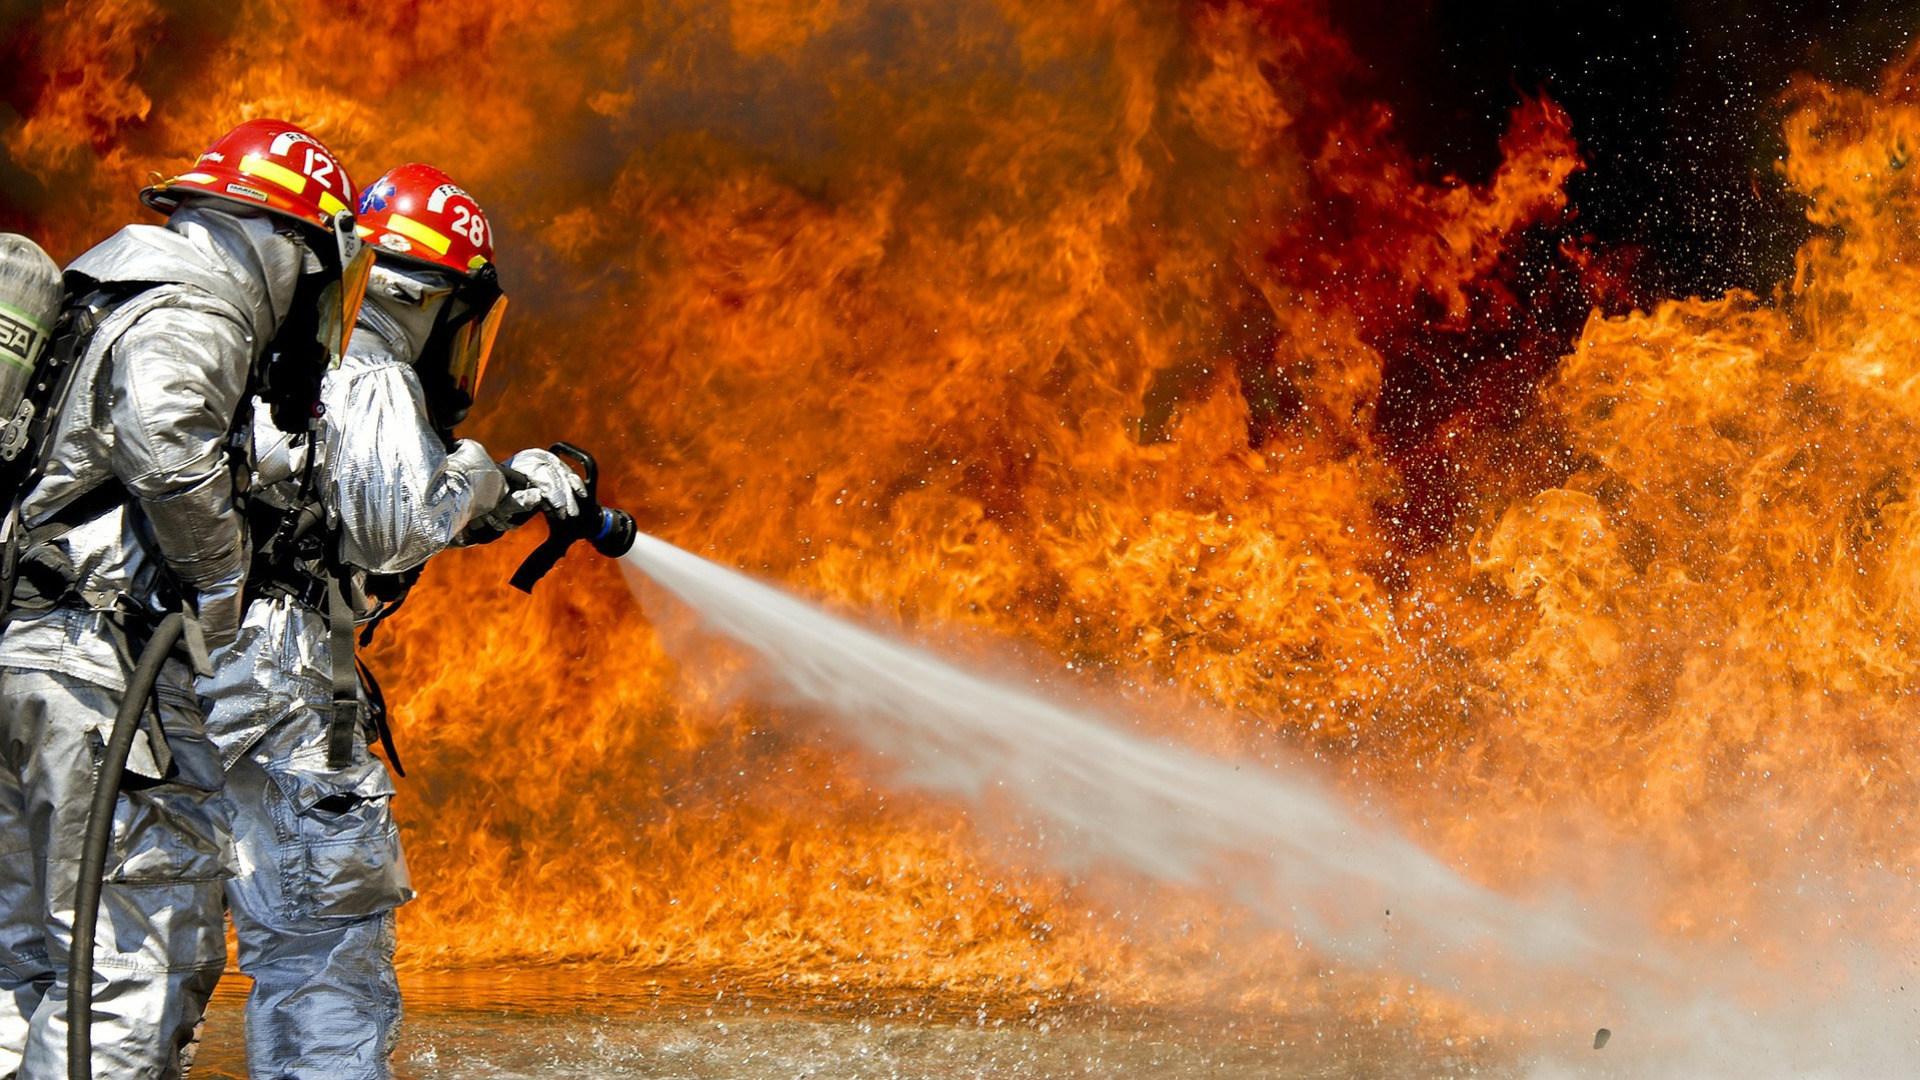 Feuer, Brand, Explosion, Brandgefahr